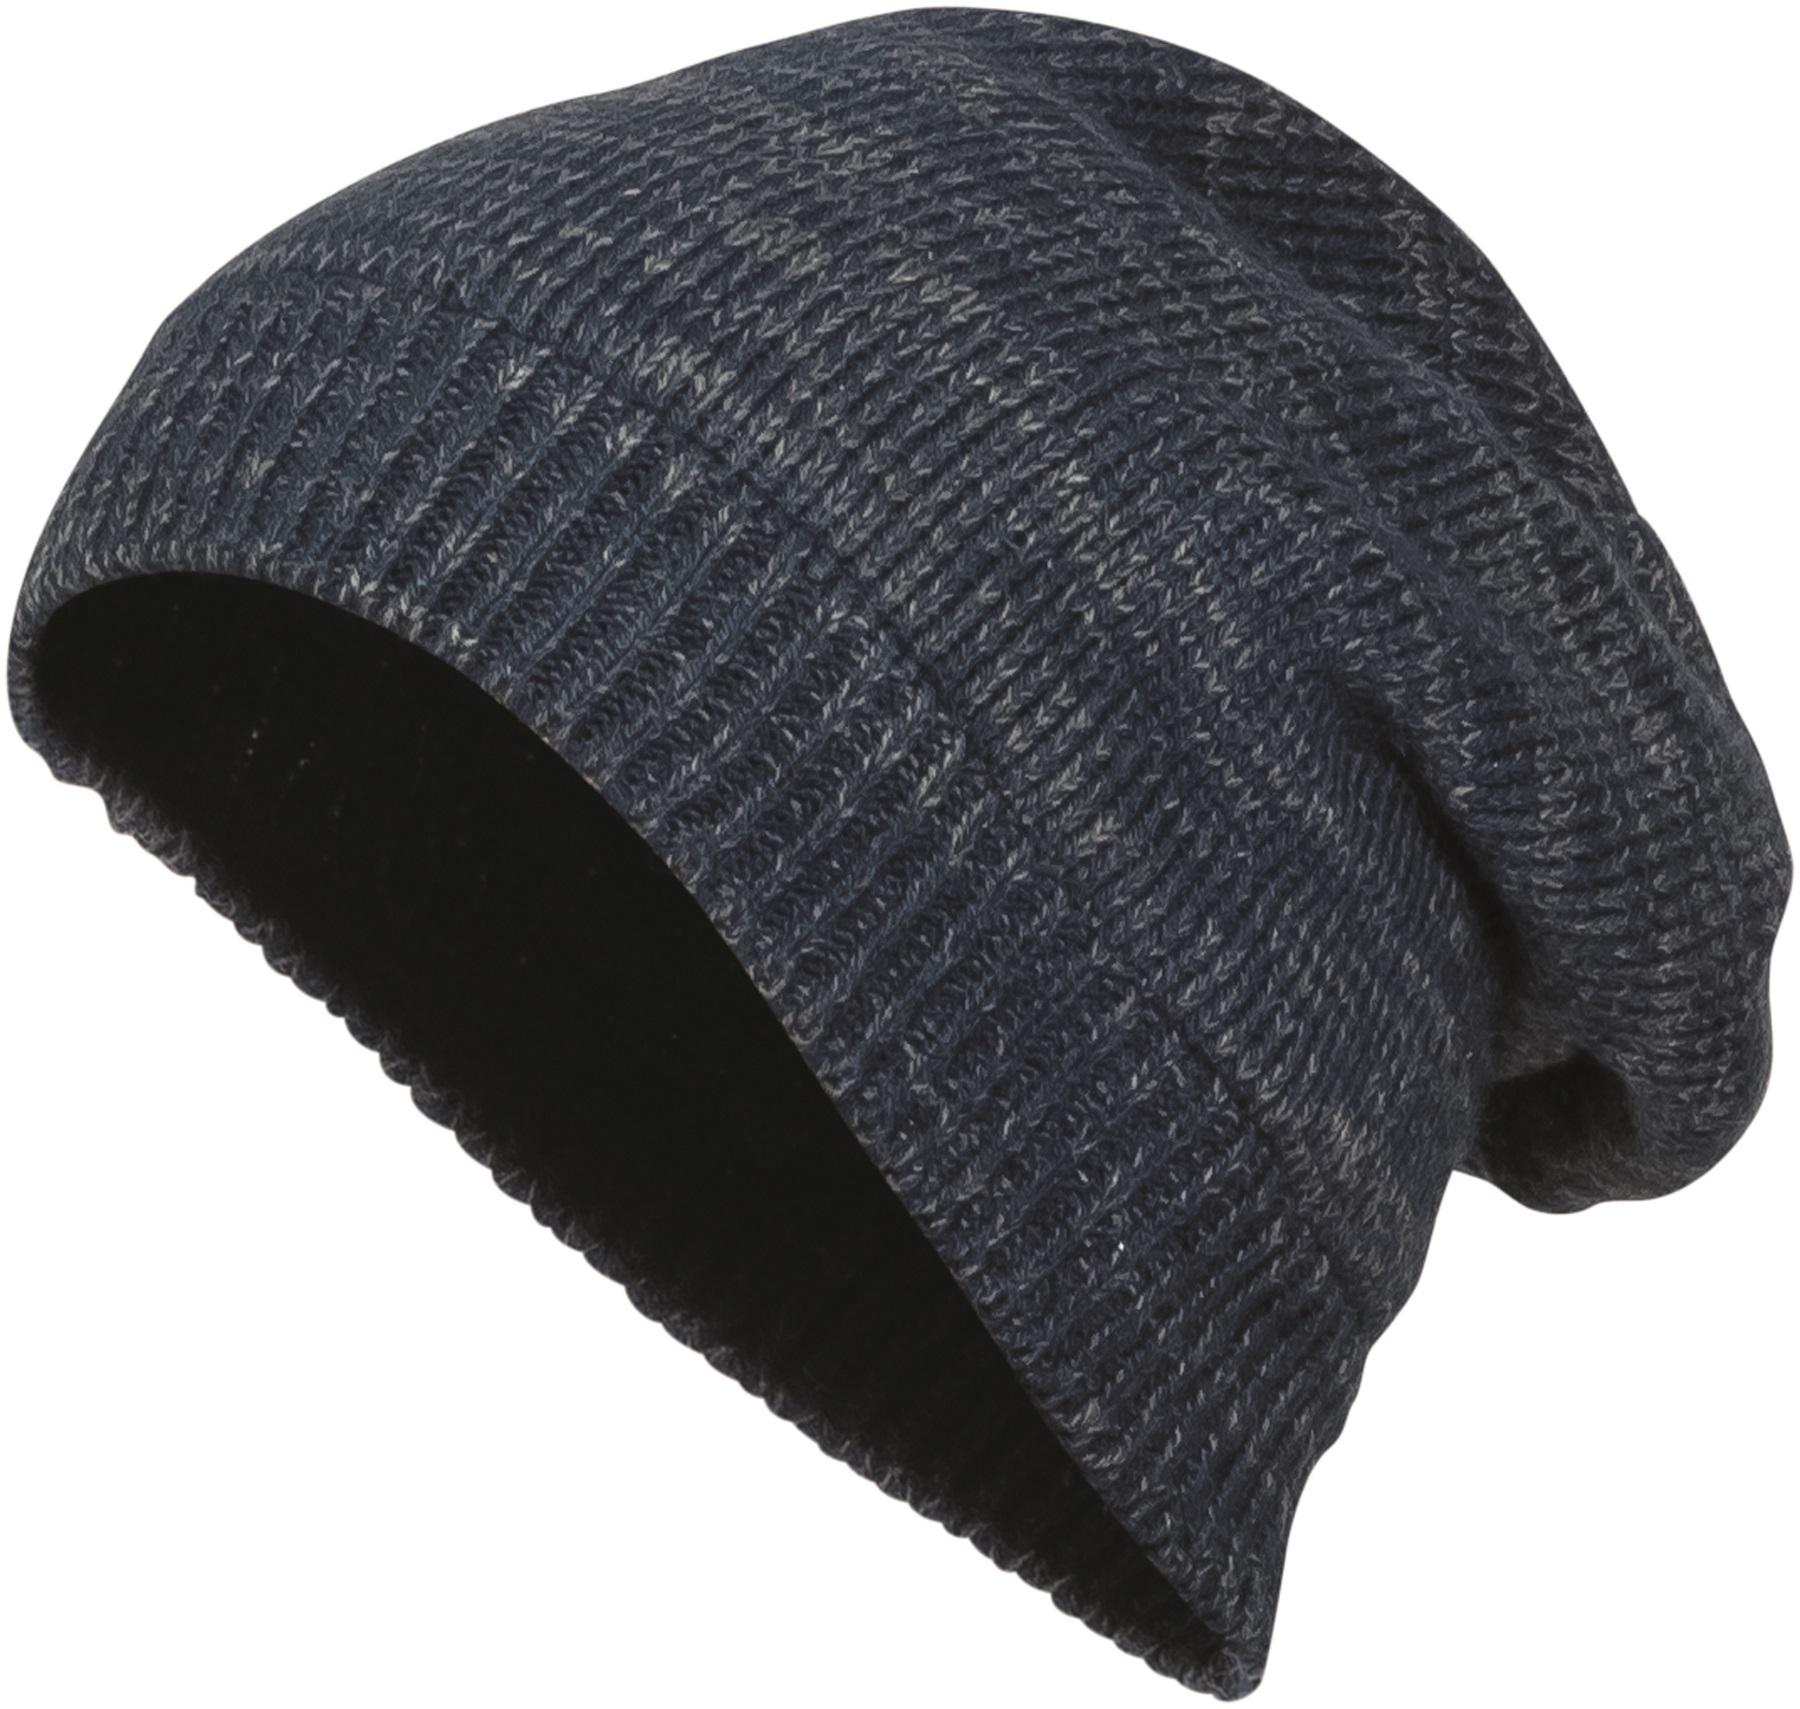 Men's Knitted Hat £4.99 (1).JPG